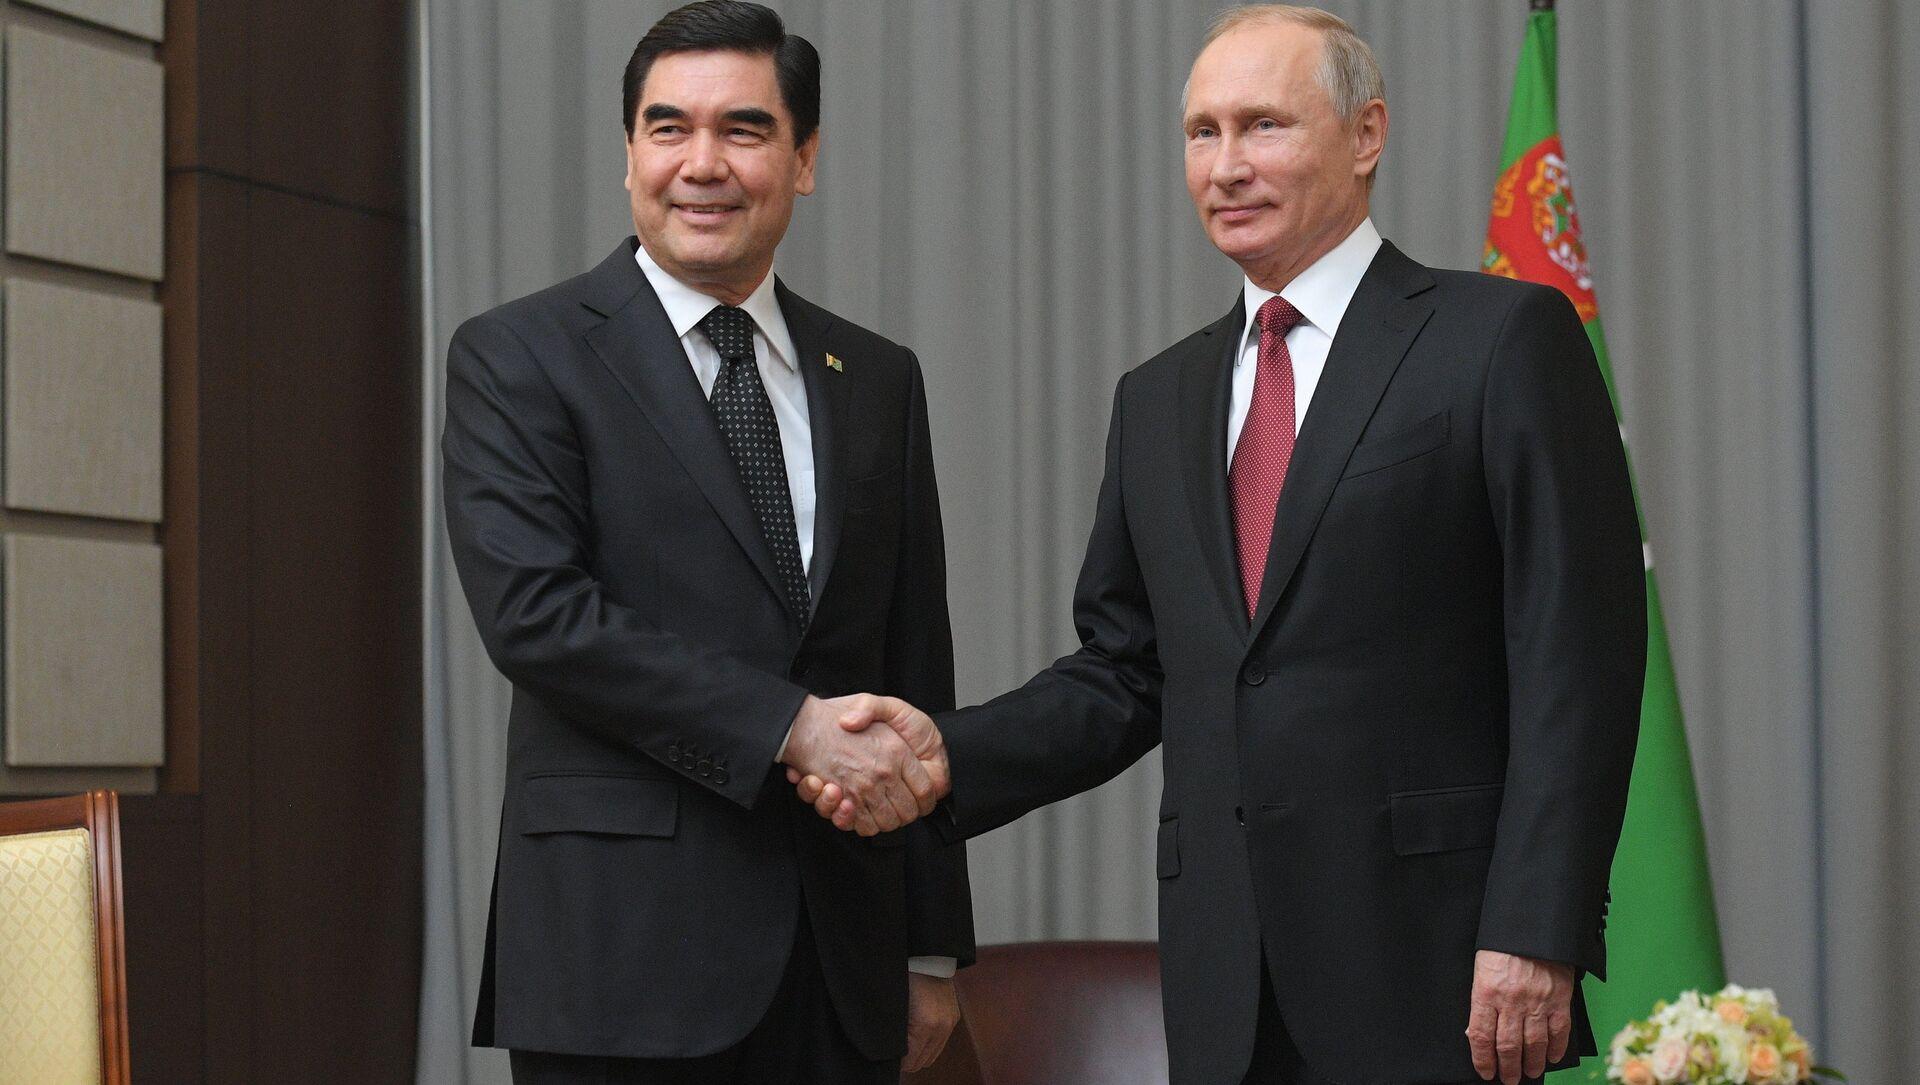 Президент РФ Владимир Путин и президент Туркменистана, председатель кабинета министров Туркмении Гурбангулы, архивное фото - Sputnik Таджикистан, 1920, 02.04.2021